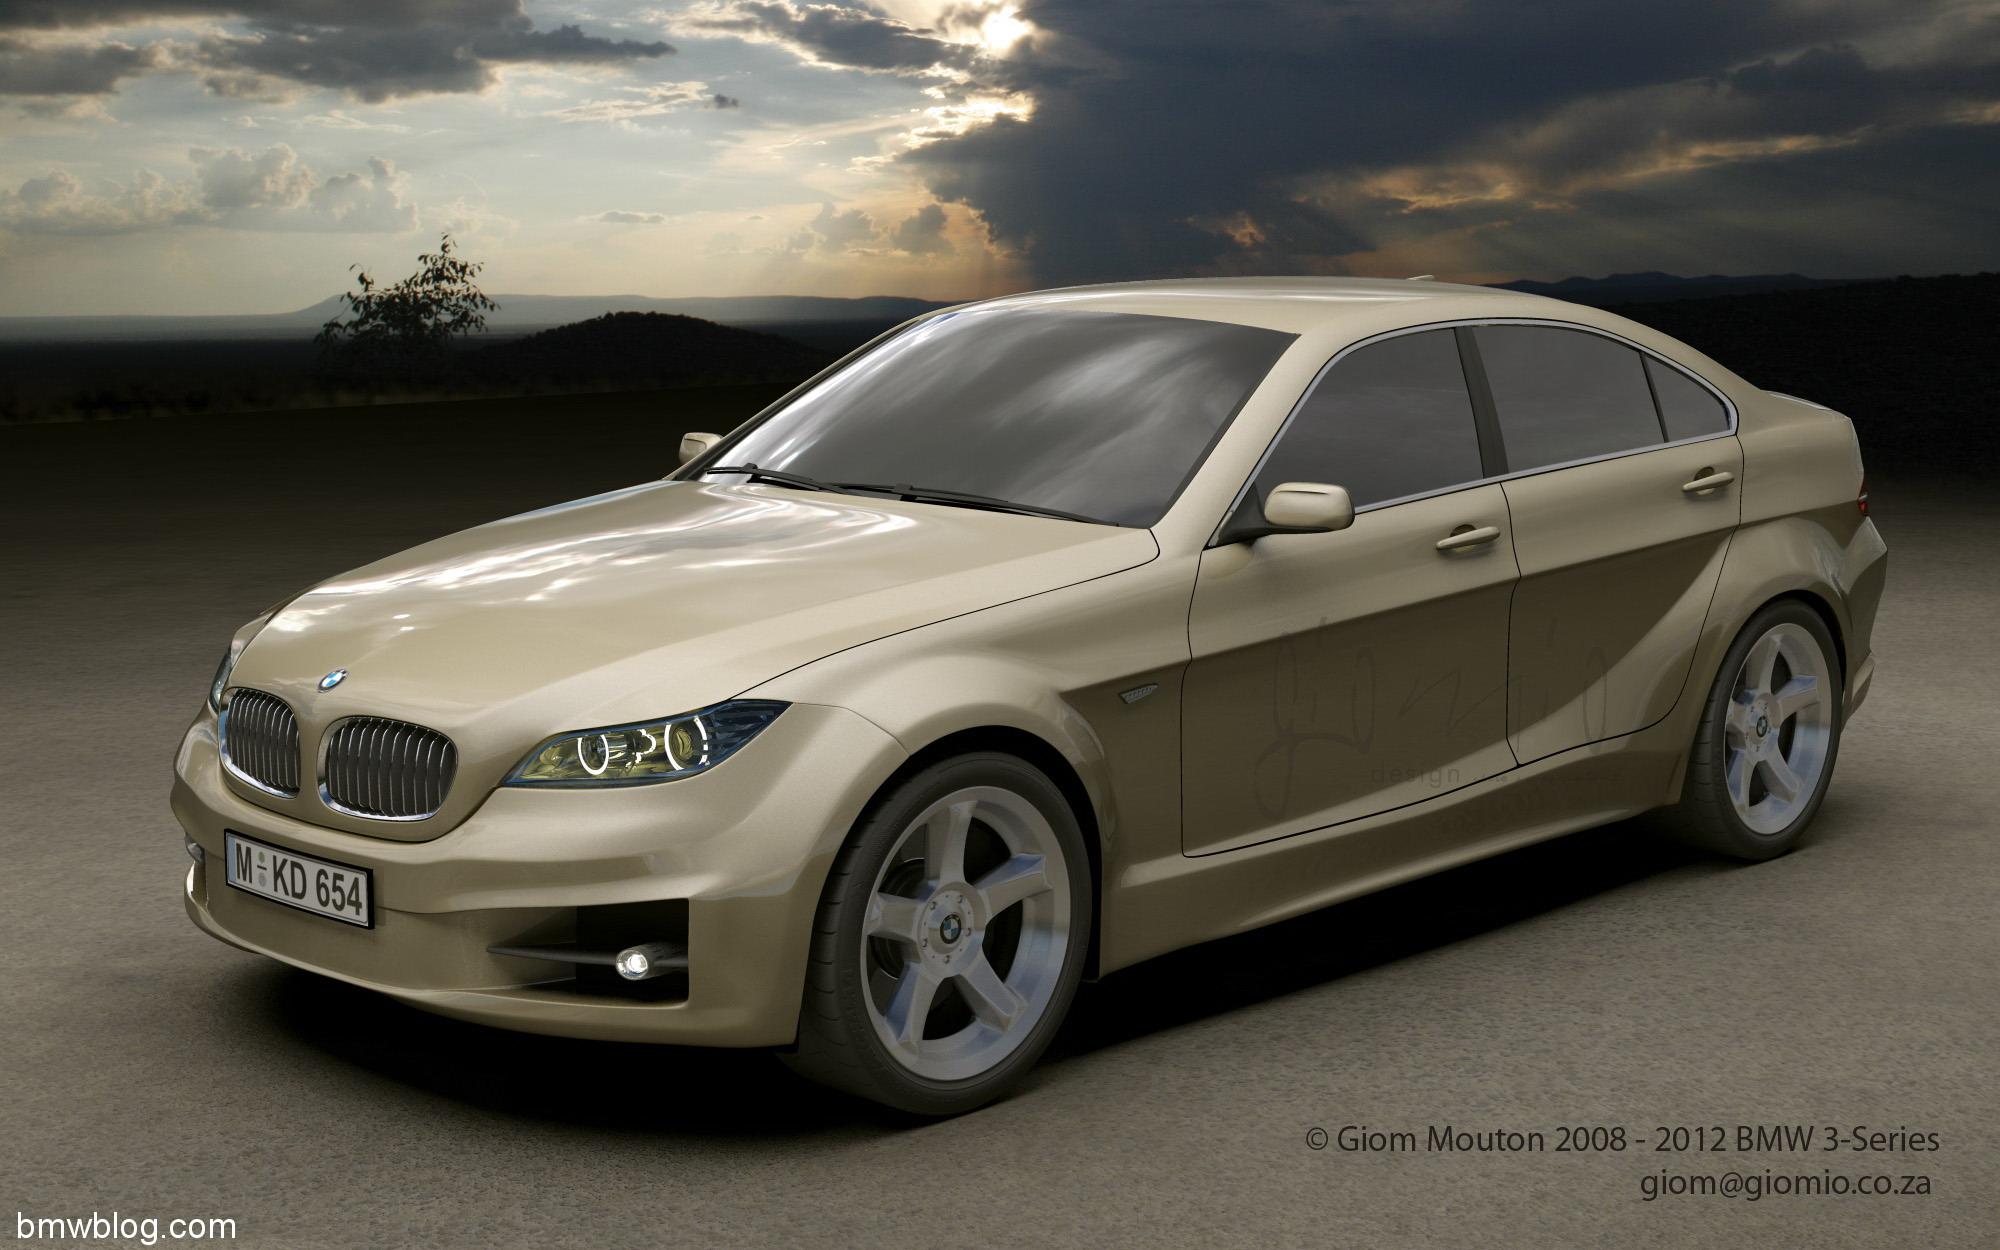 2012 BMW 3 Series Concept 3D View Desktop Backgrounds